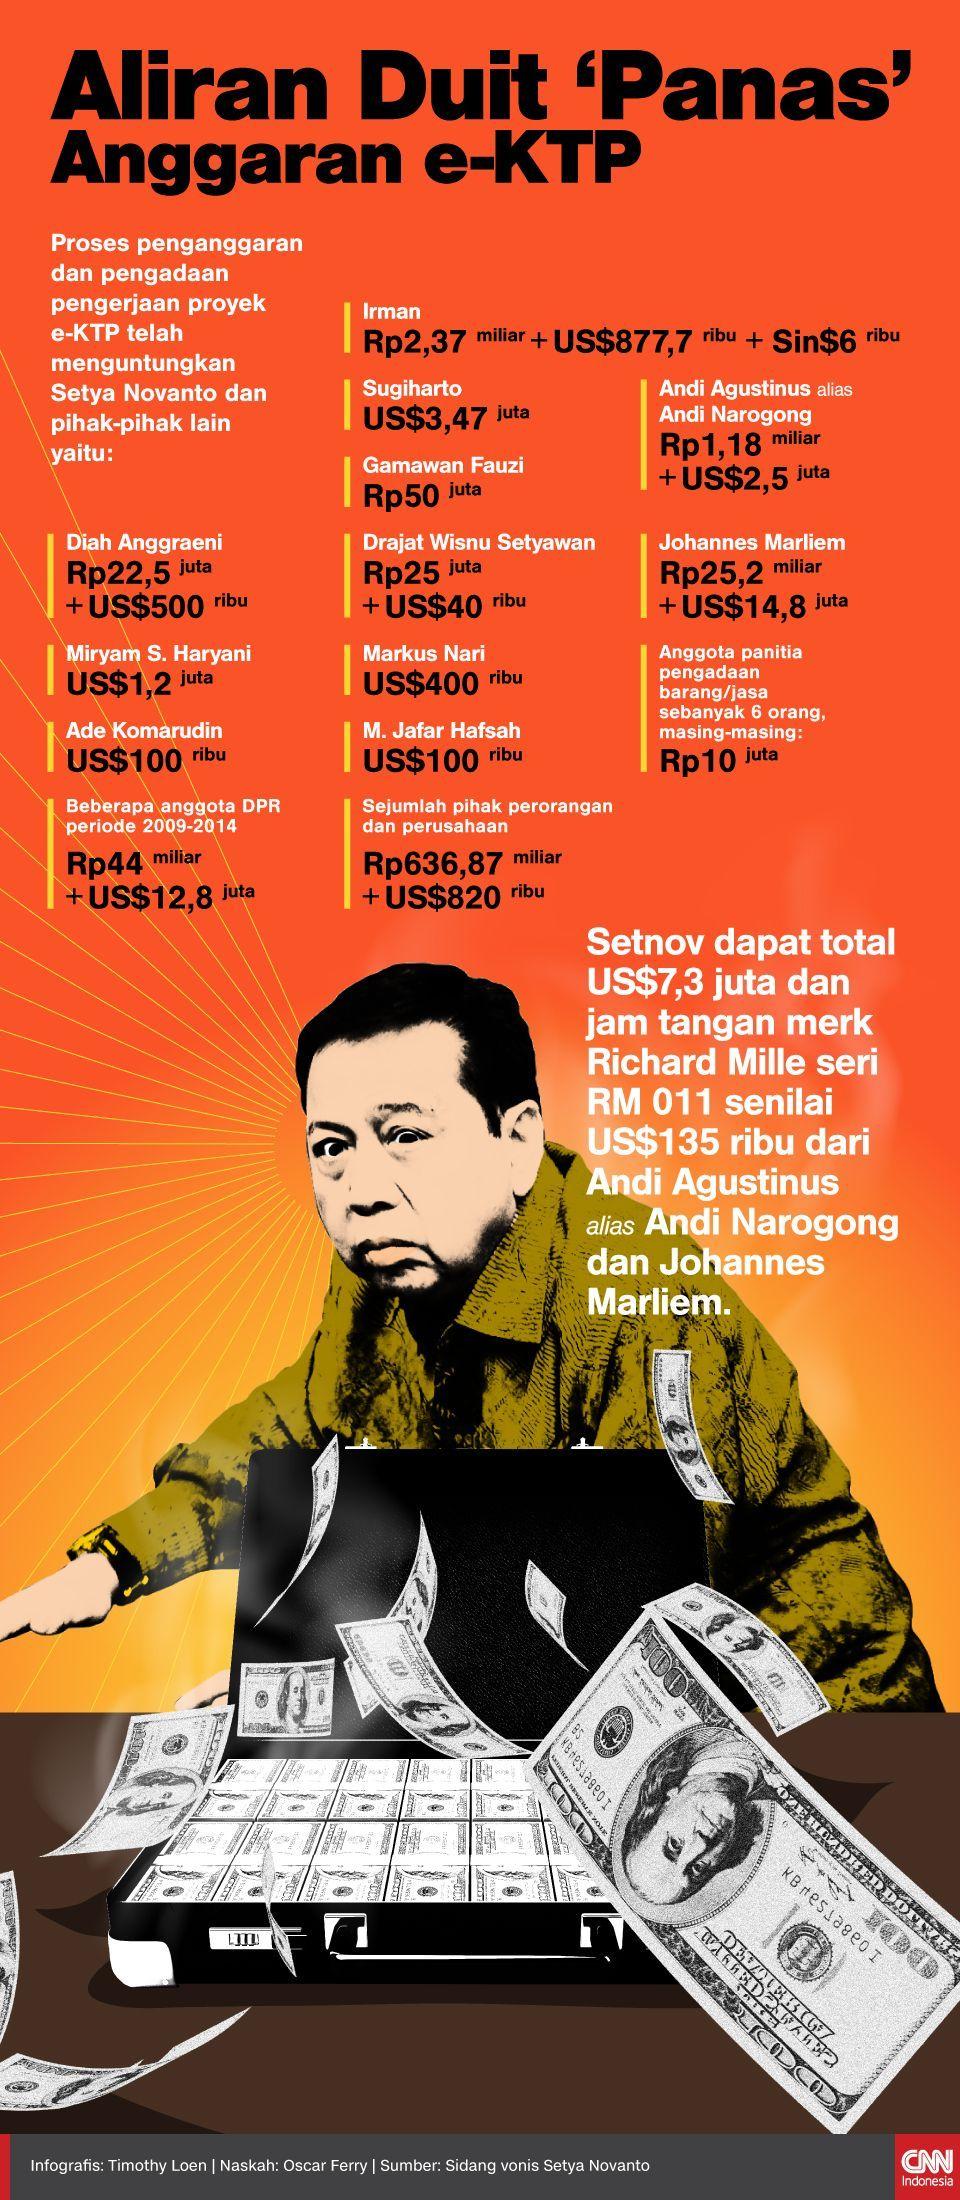 Infografis Aliran Duit 'Panas' Anggaran e-KTP